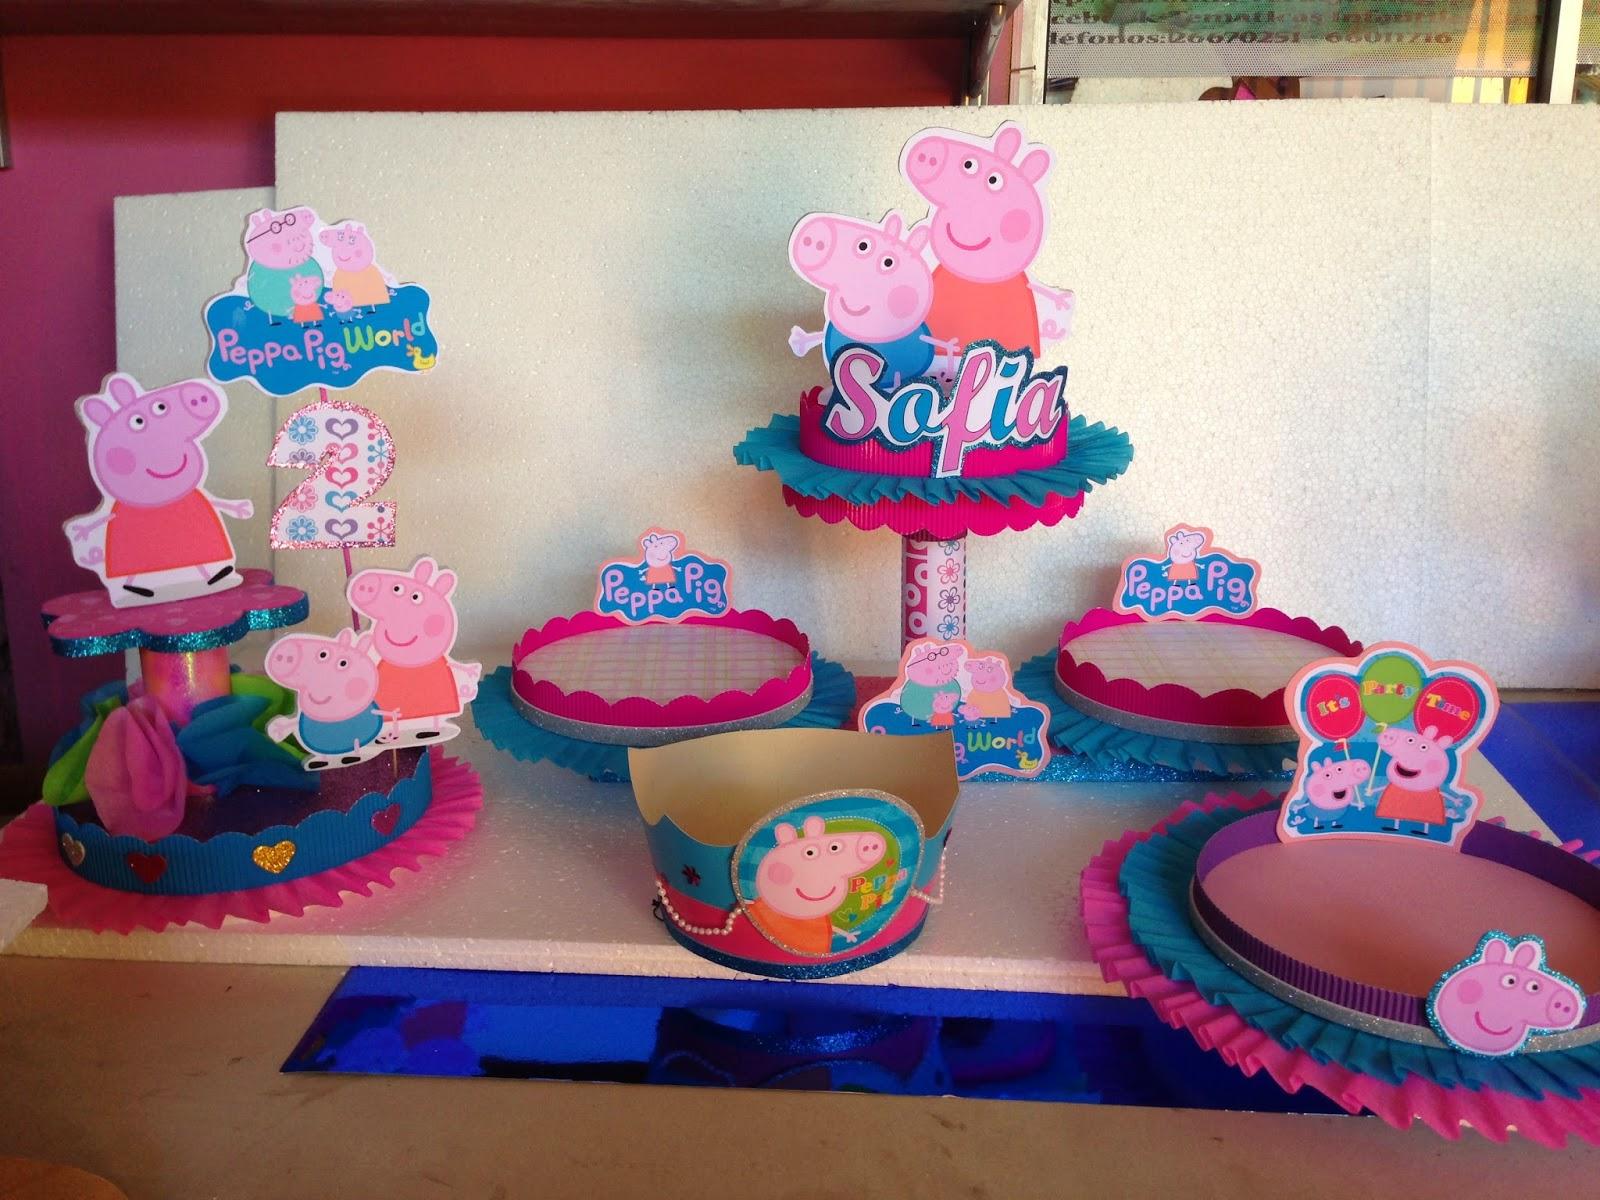 Decoracion Cumplea?os Peppa Pig ~ Publicado por Carolina Verdejo S en 7 16